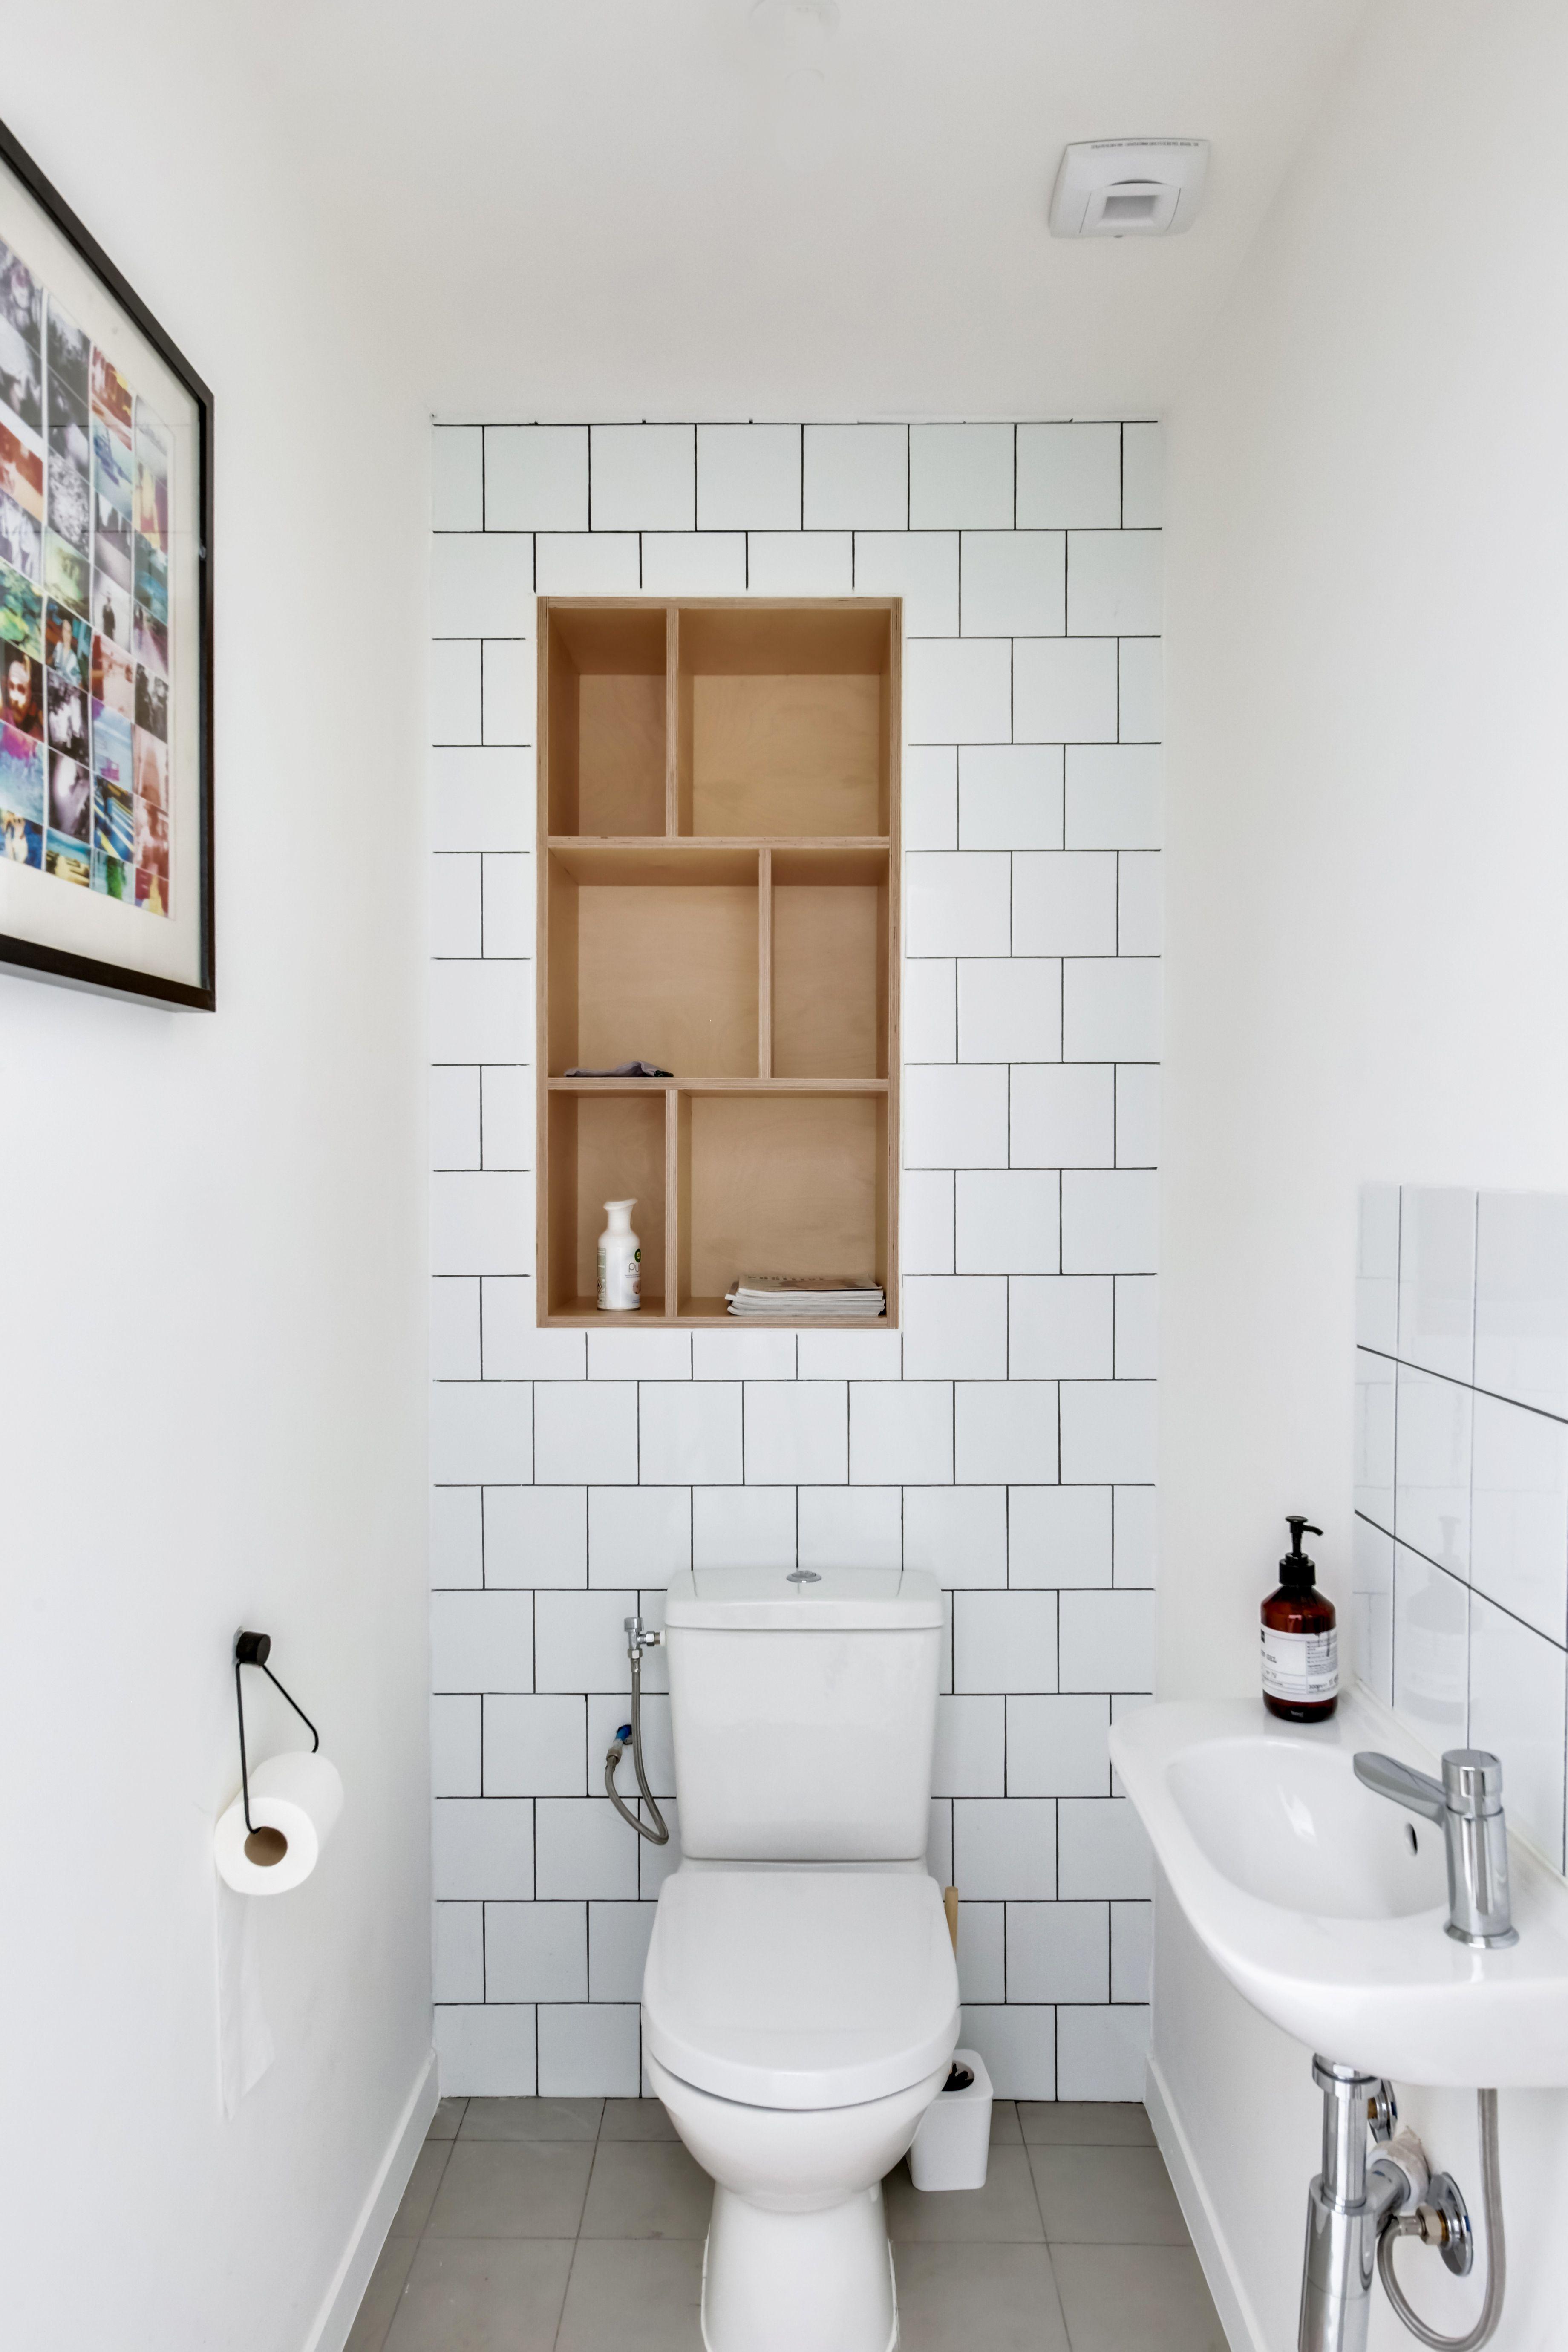 Toilettes Faience Blanche Joints Noirs Niche Bois En 2019 Deco